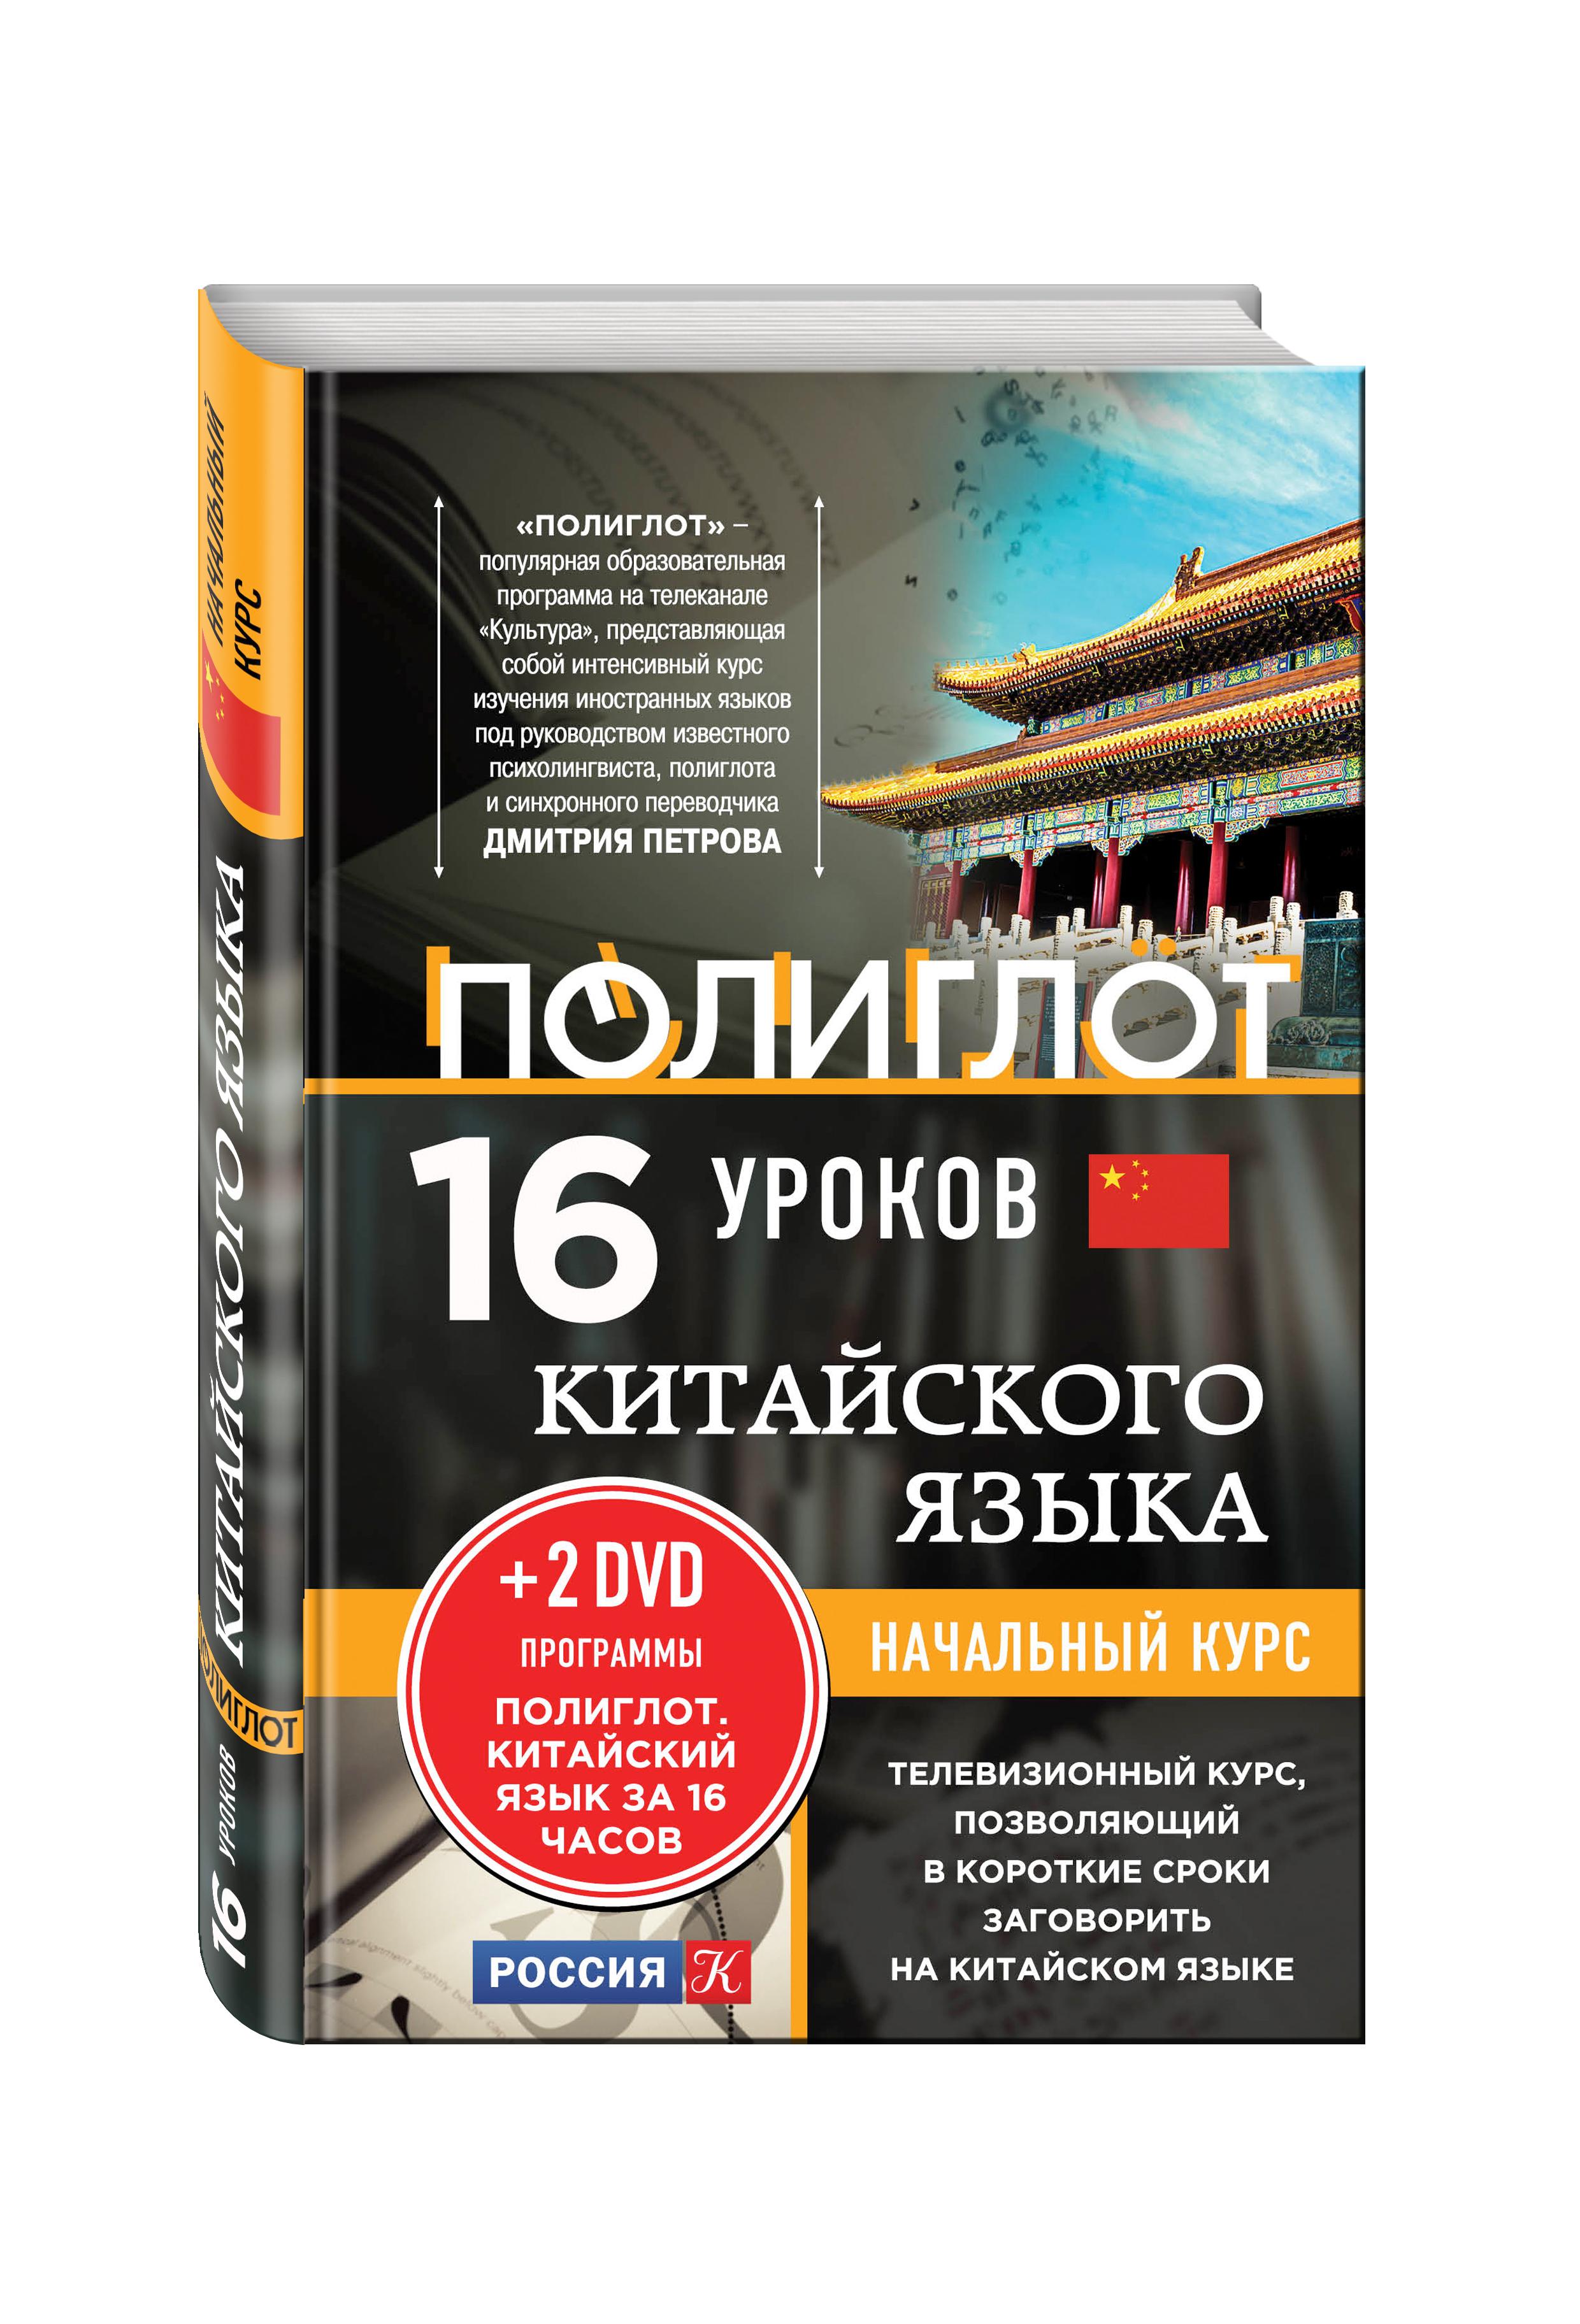 16 уроков Китайского языка. Начальный курс + 2 DVD Китайский язык за 16 часов петров д 16 уроков английского языка начальный курс 2dvd полиглот английский язык за 16 часов